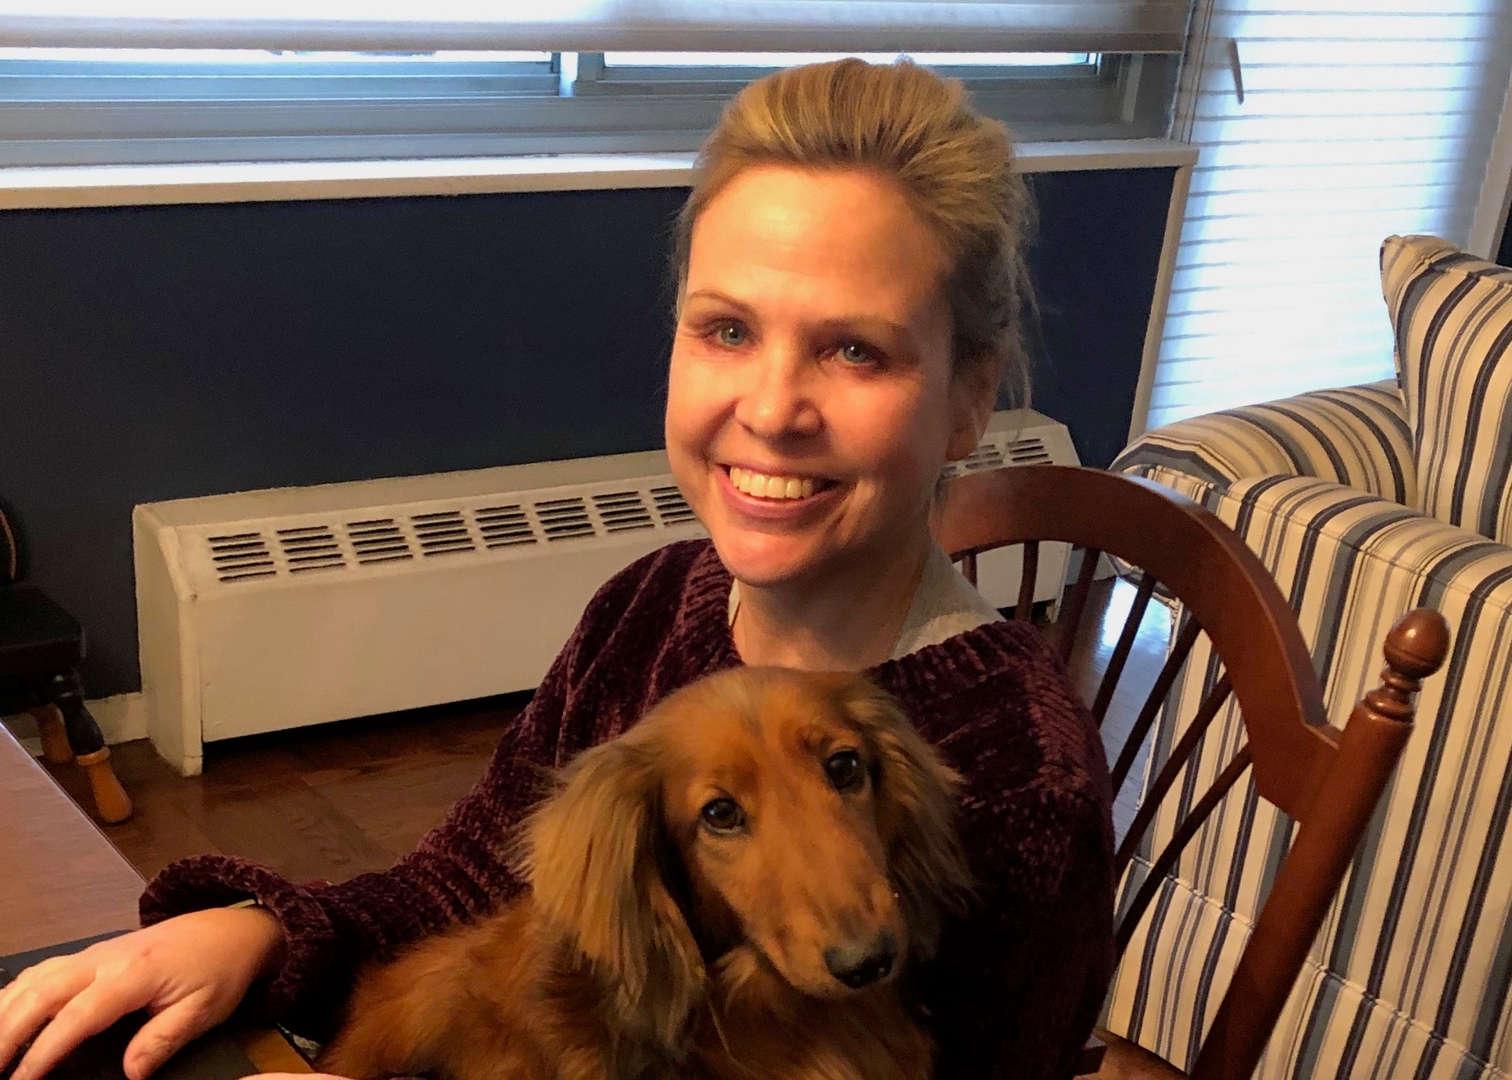 Teacher with dog